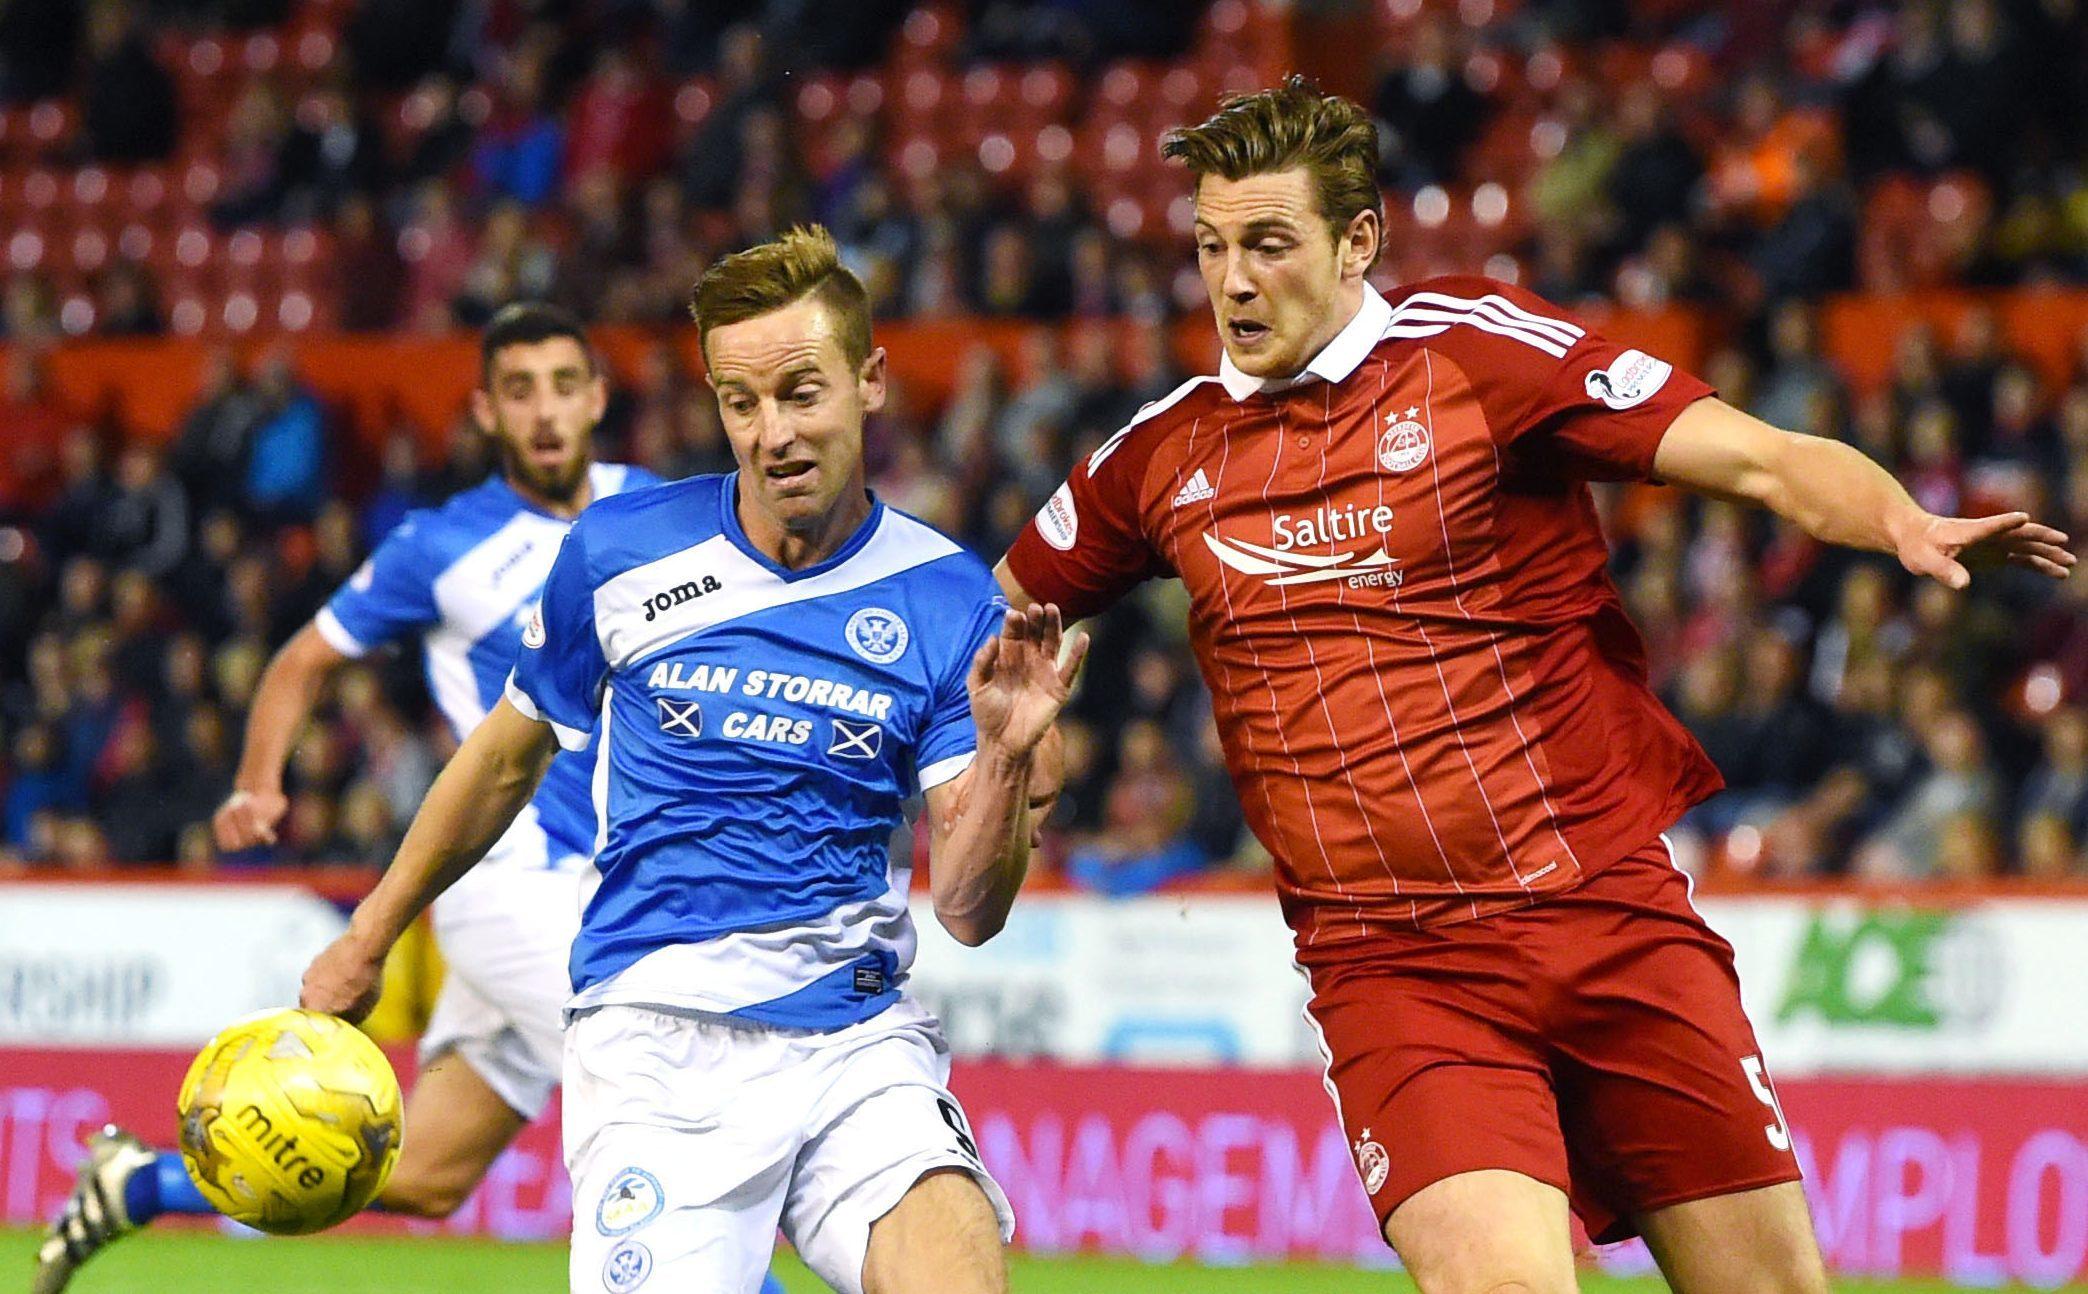 Steven MacLean playing against Aberdeen last season.